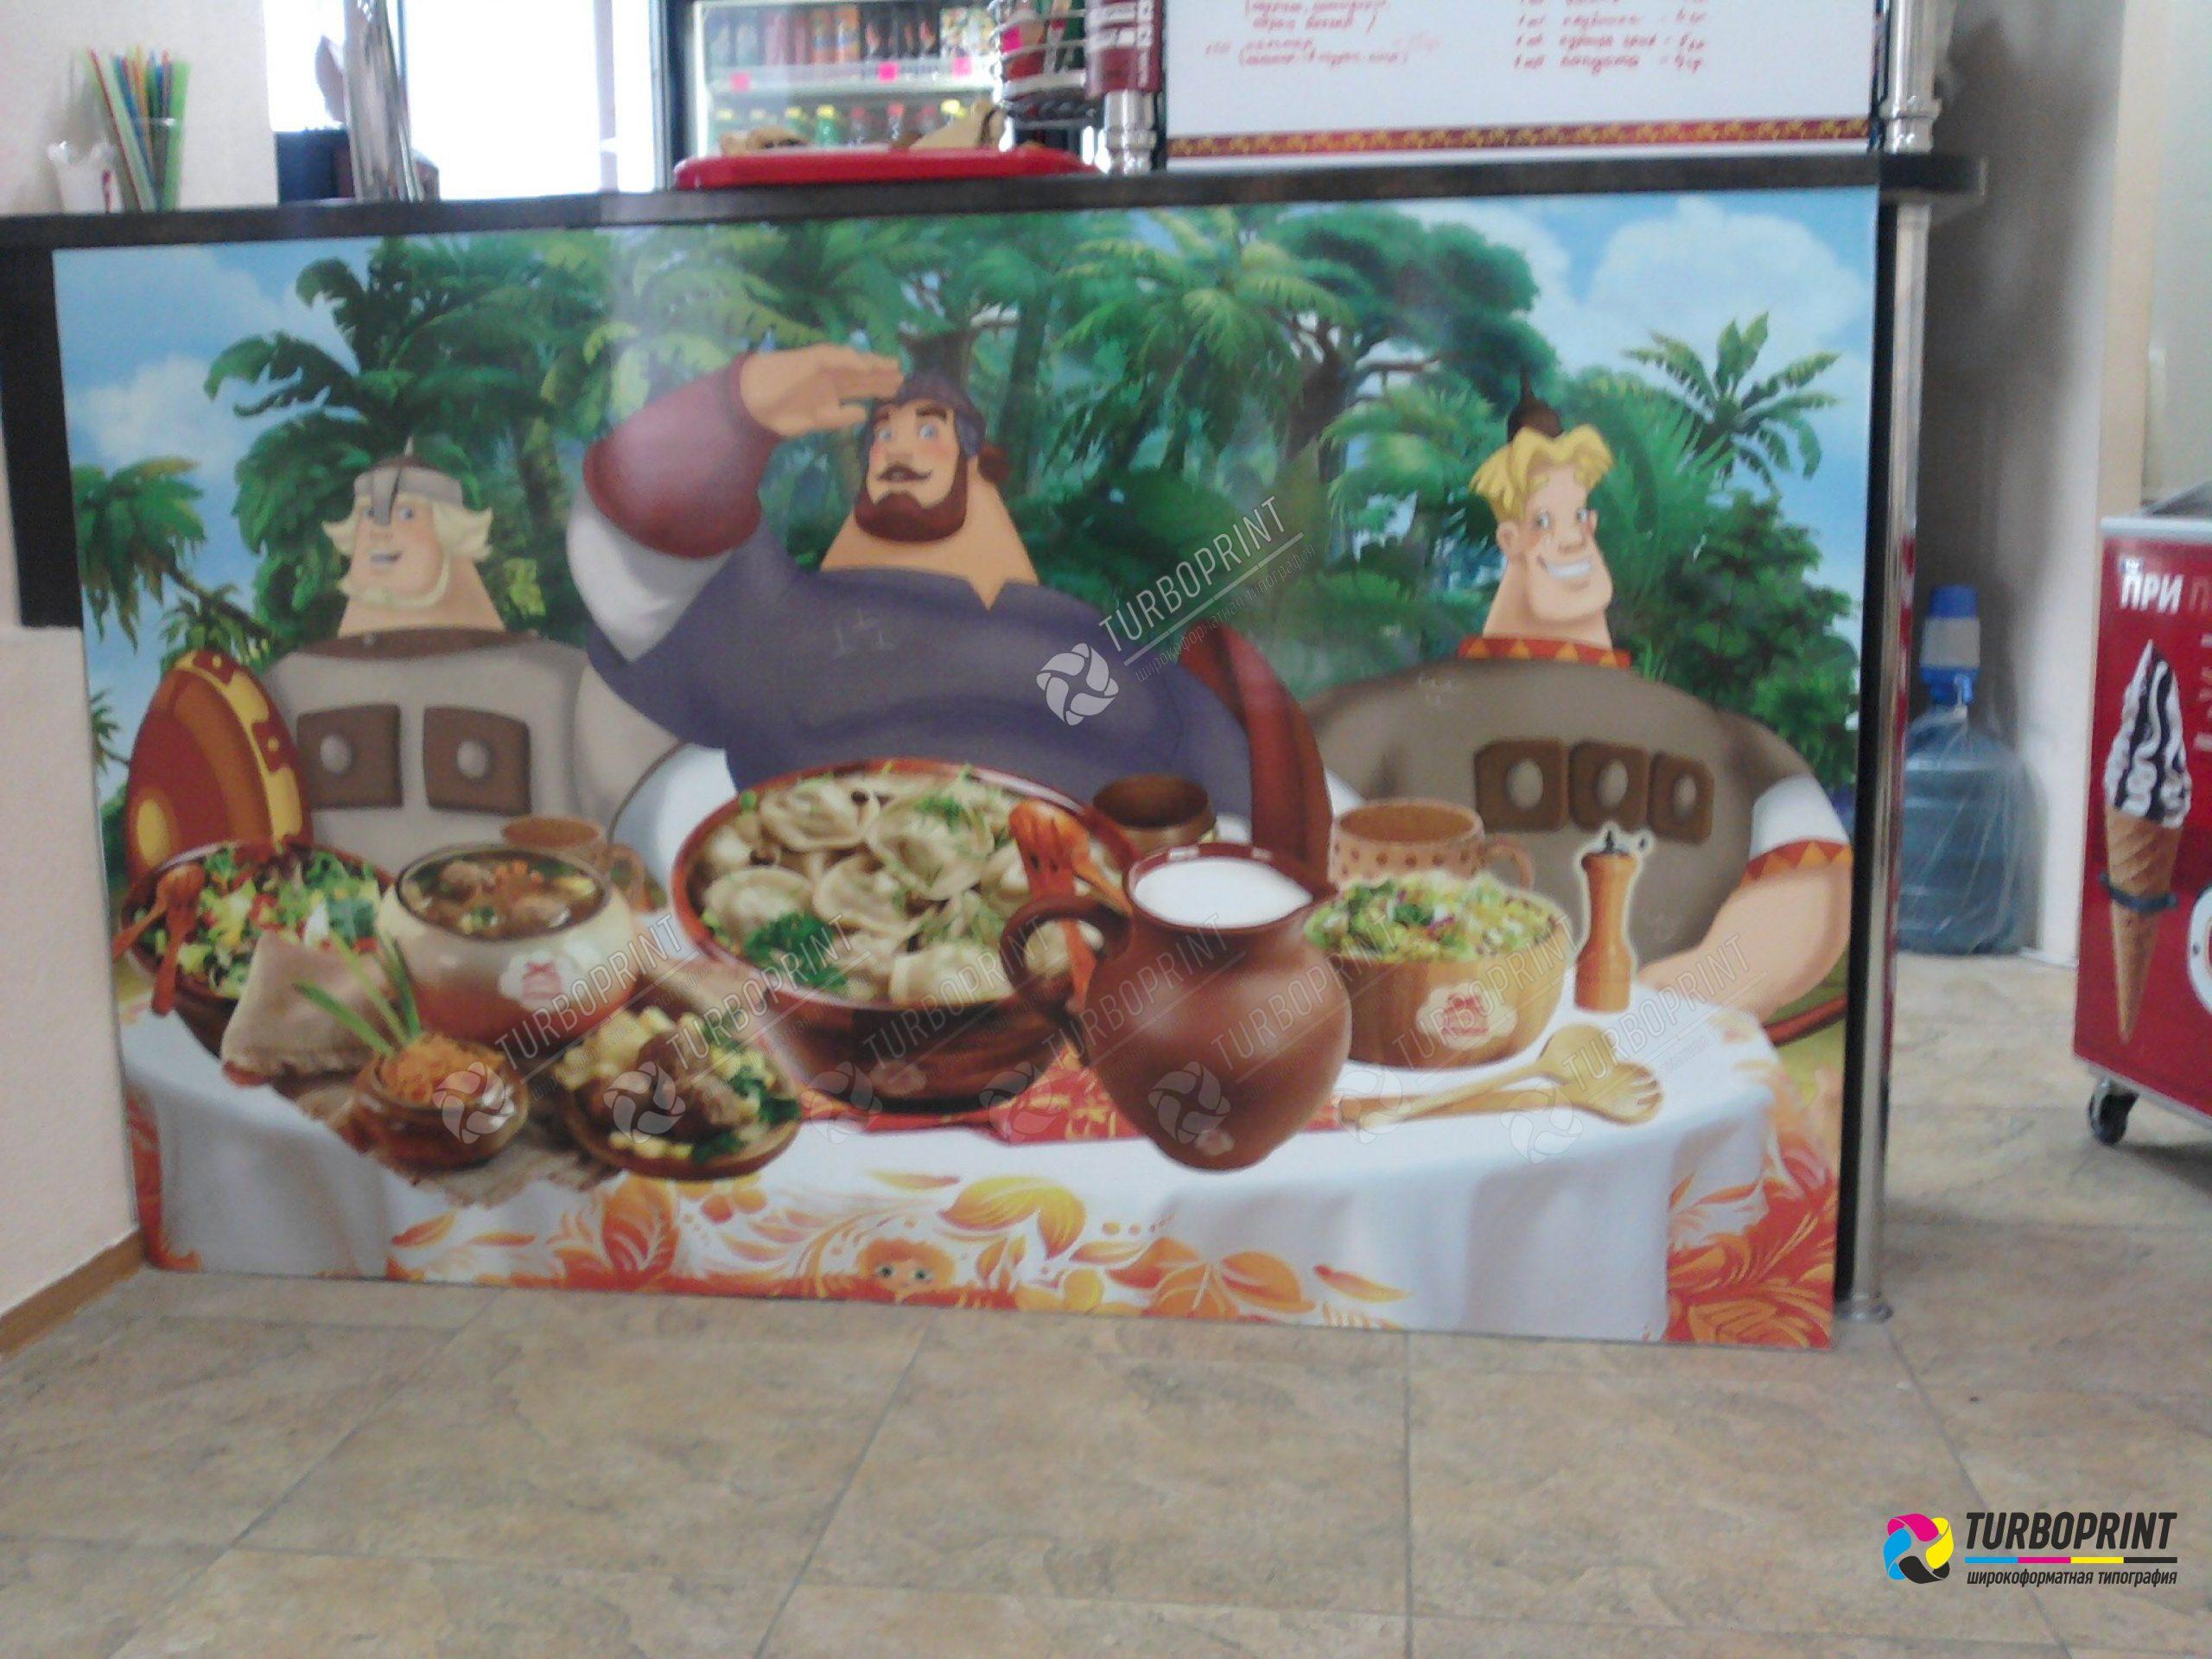 pechat-orakal-cena-sevastopol